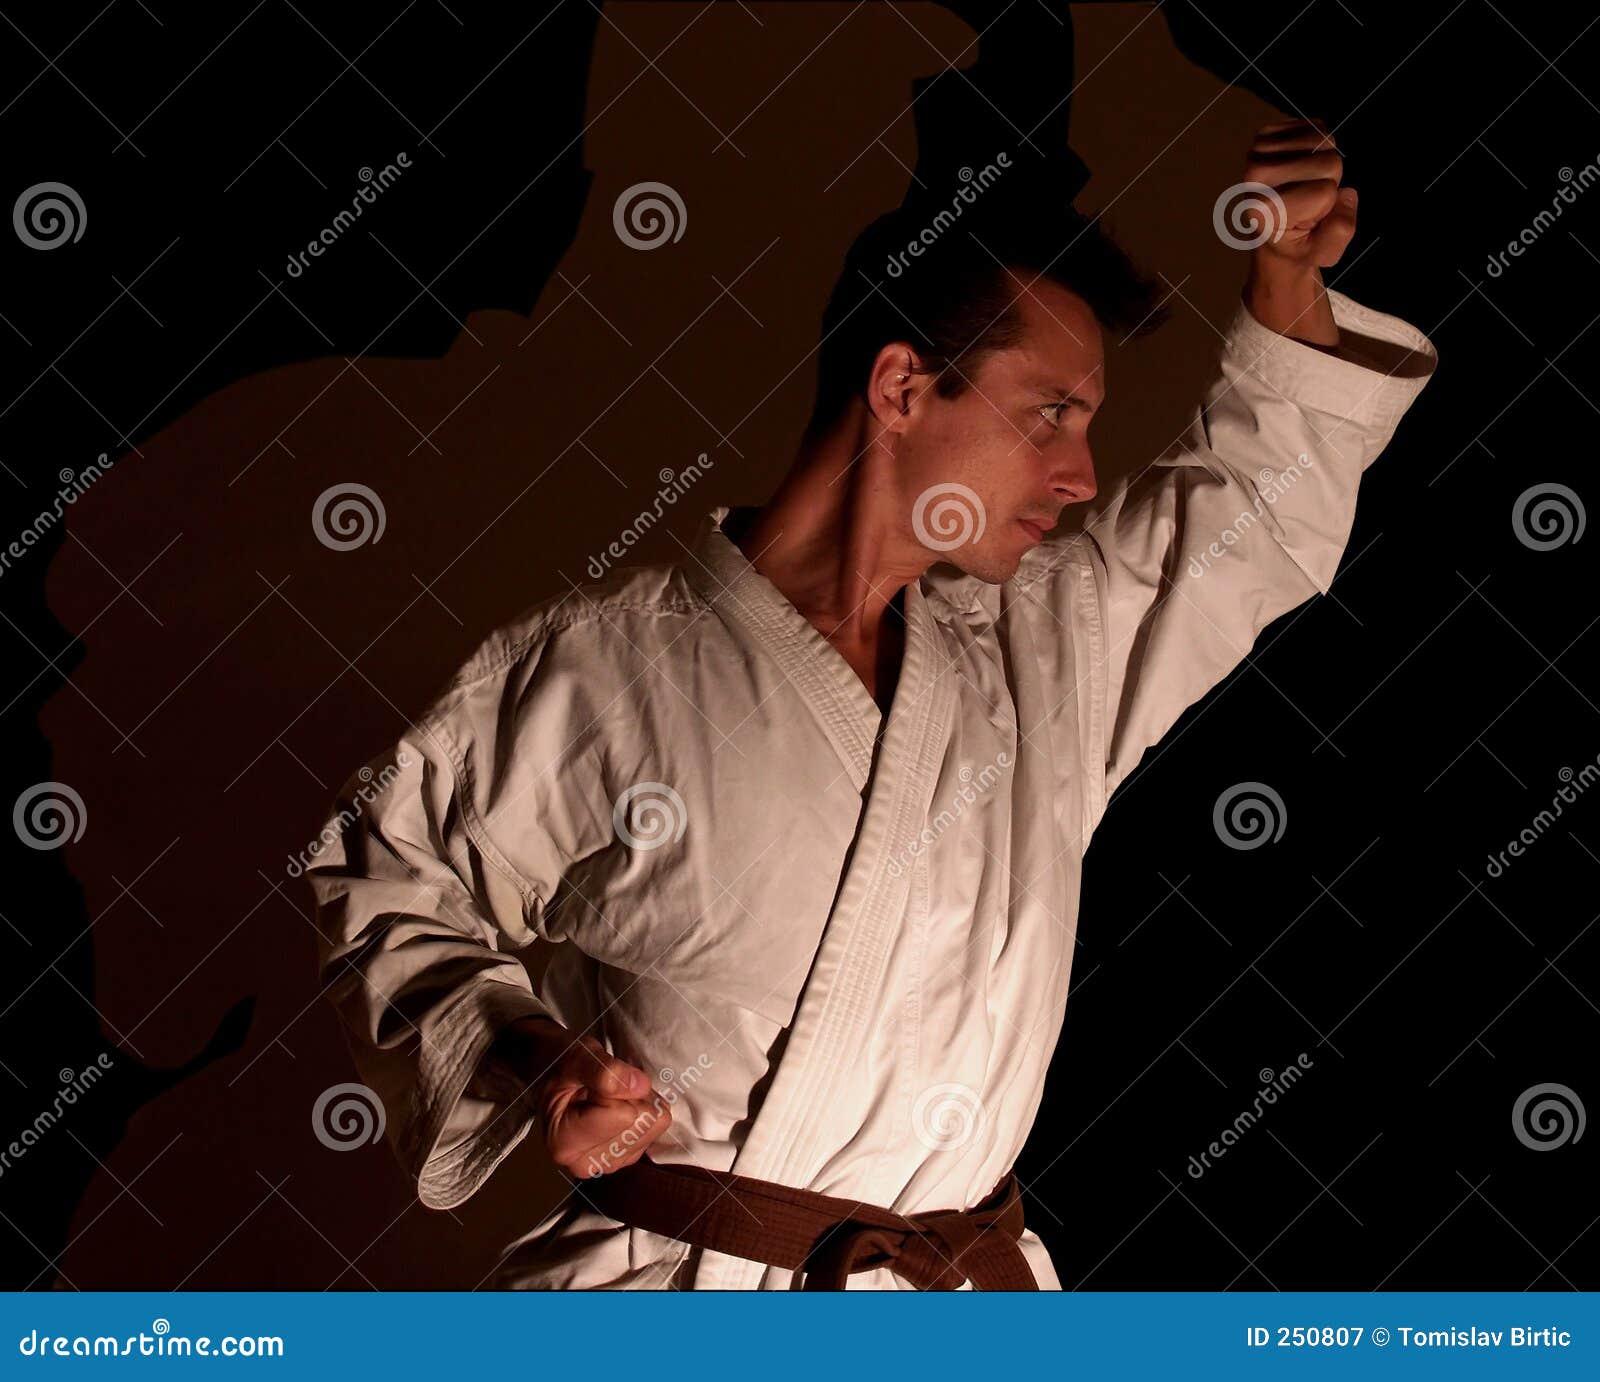 Cień partnera karate.